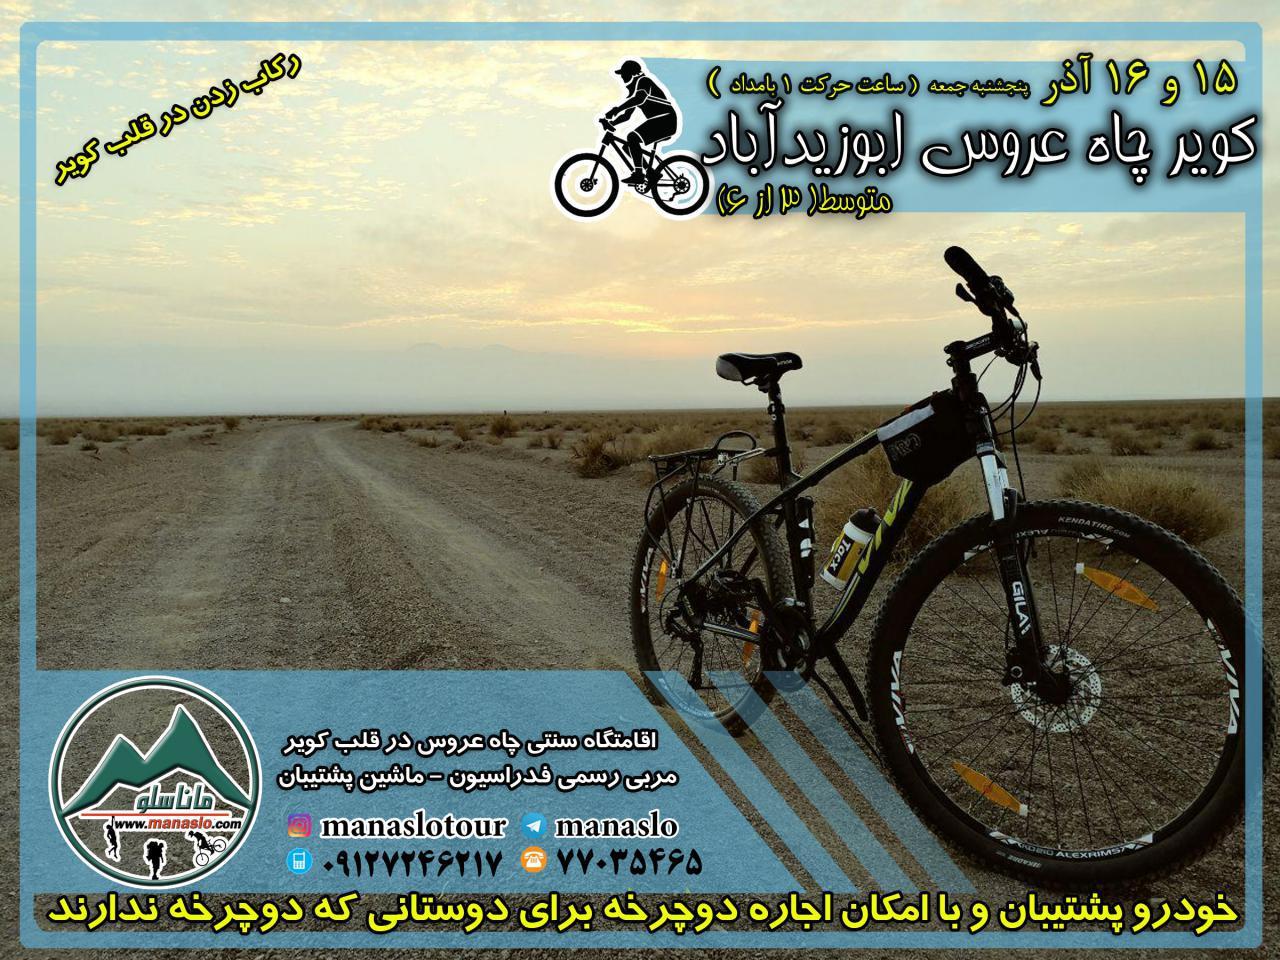 تور دوچرخه سواری کویر چاه عروس ابوزید آباد